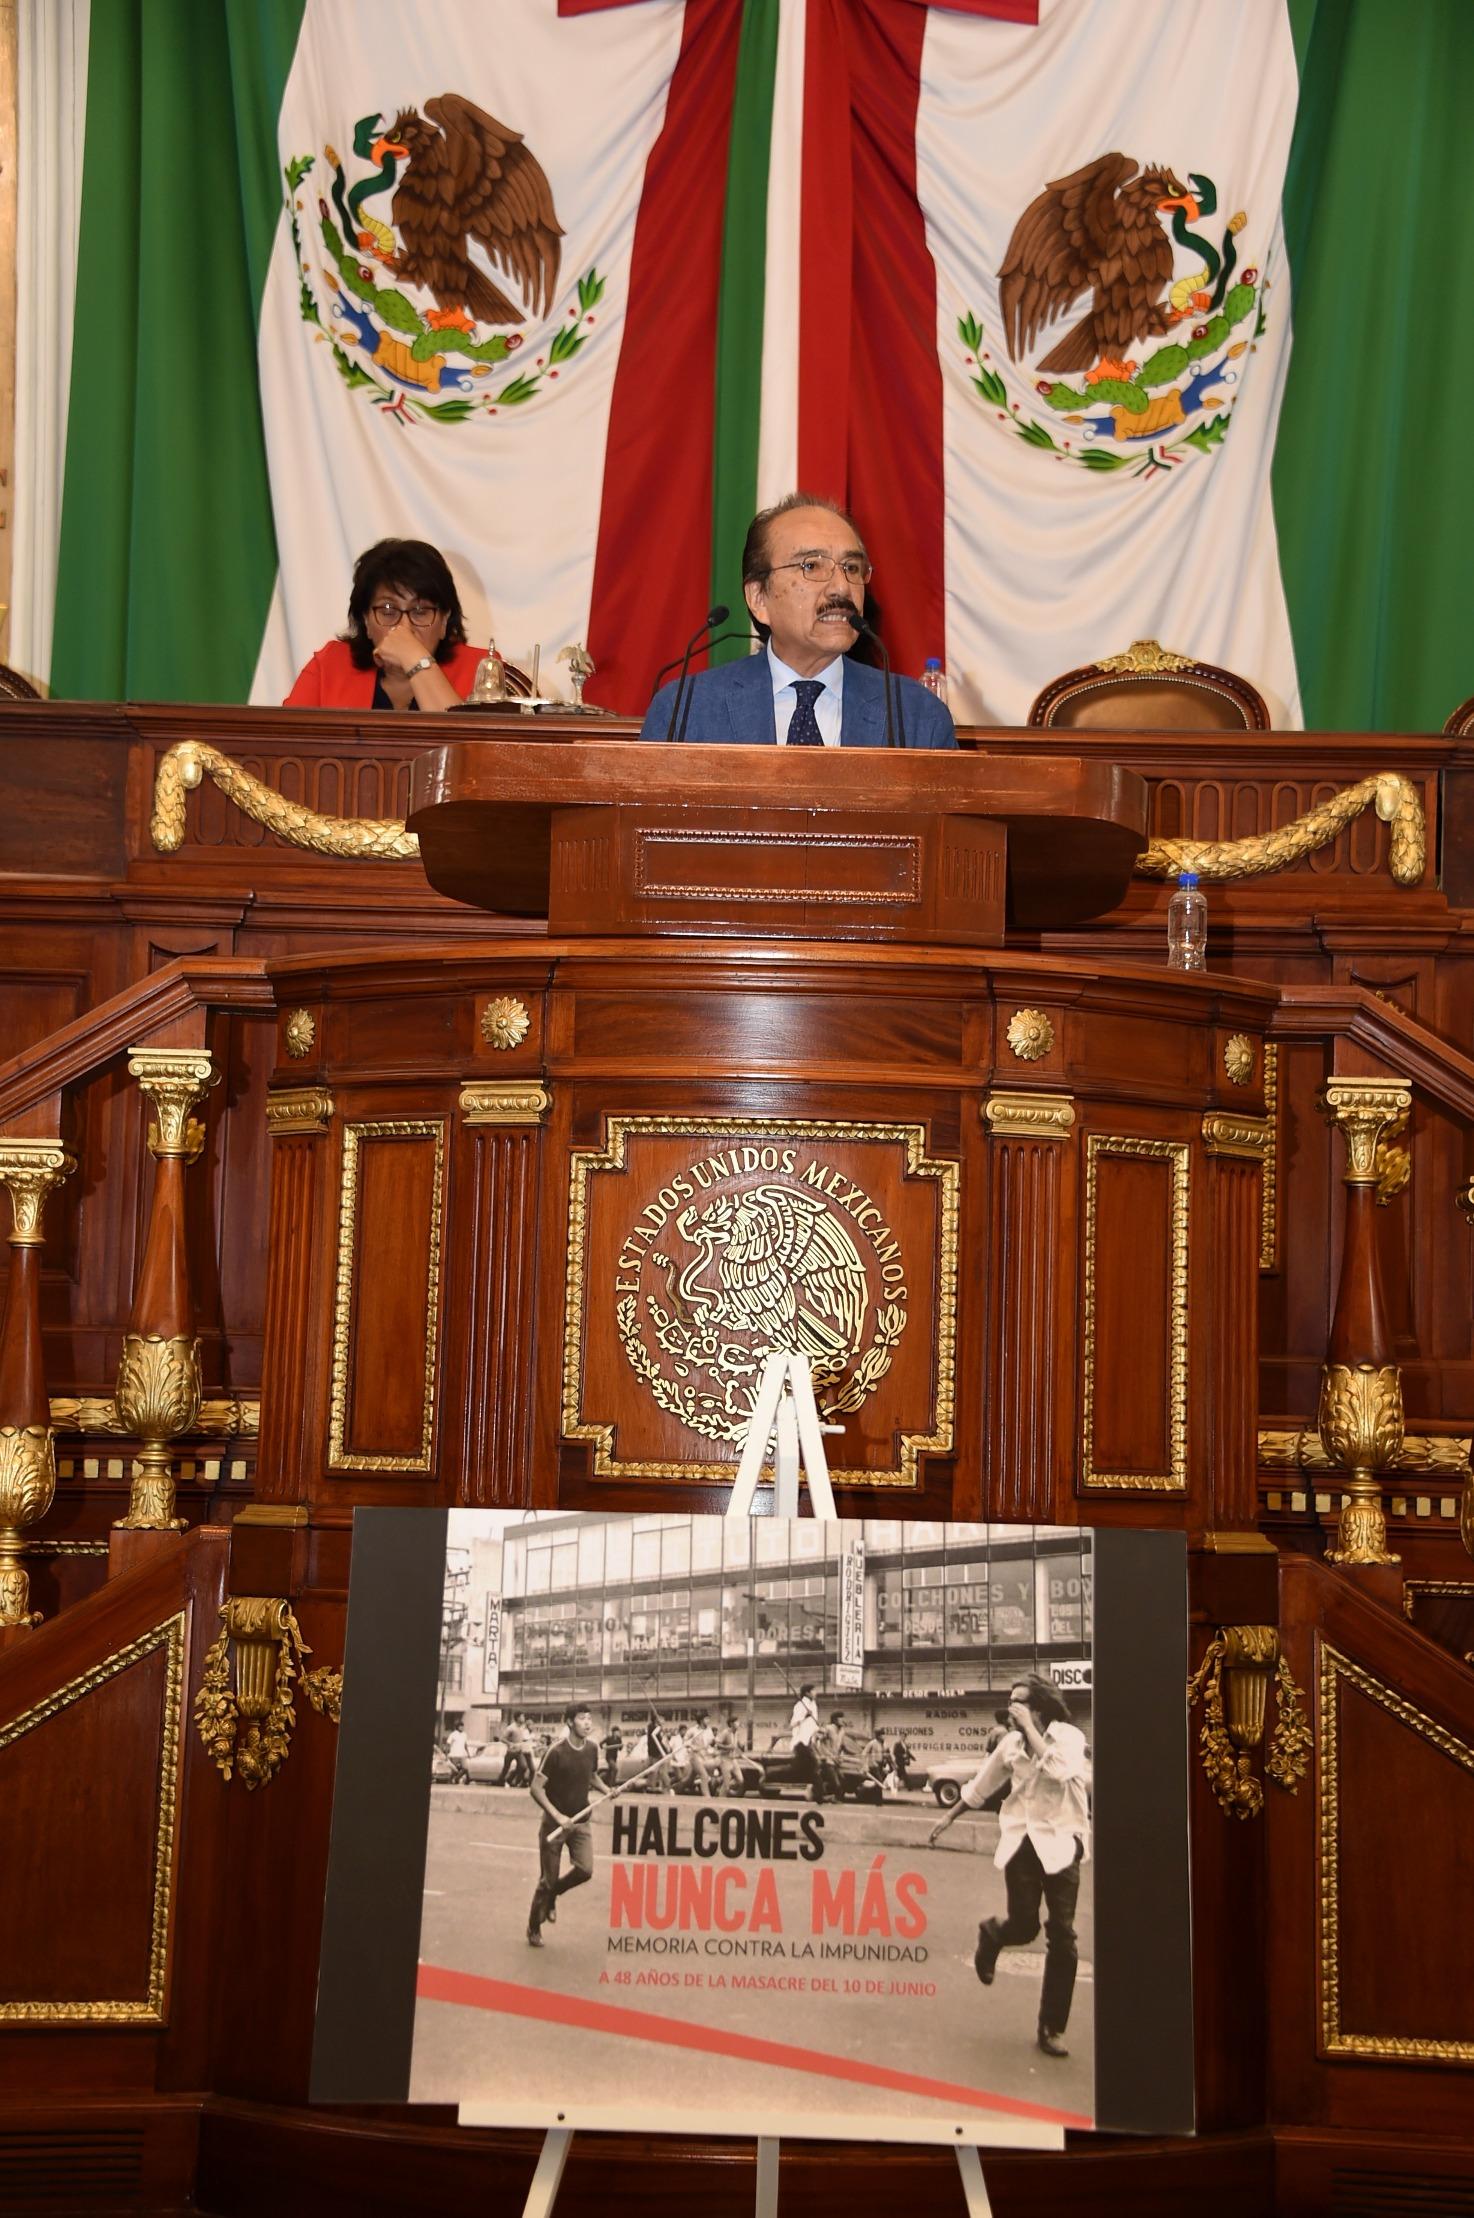 El Congreso de la CDMX honra a las víctimas del Halconazo